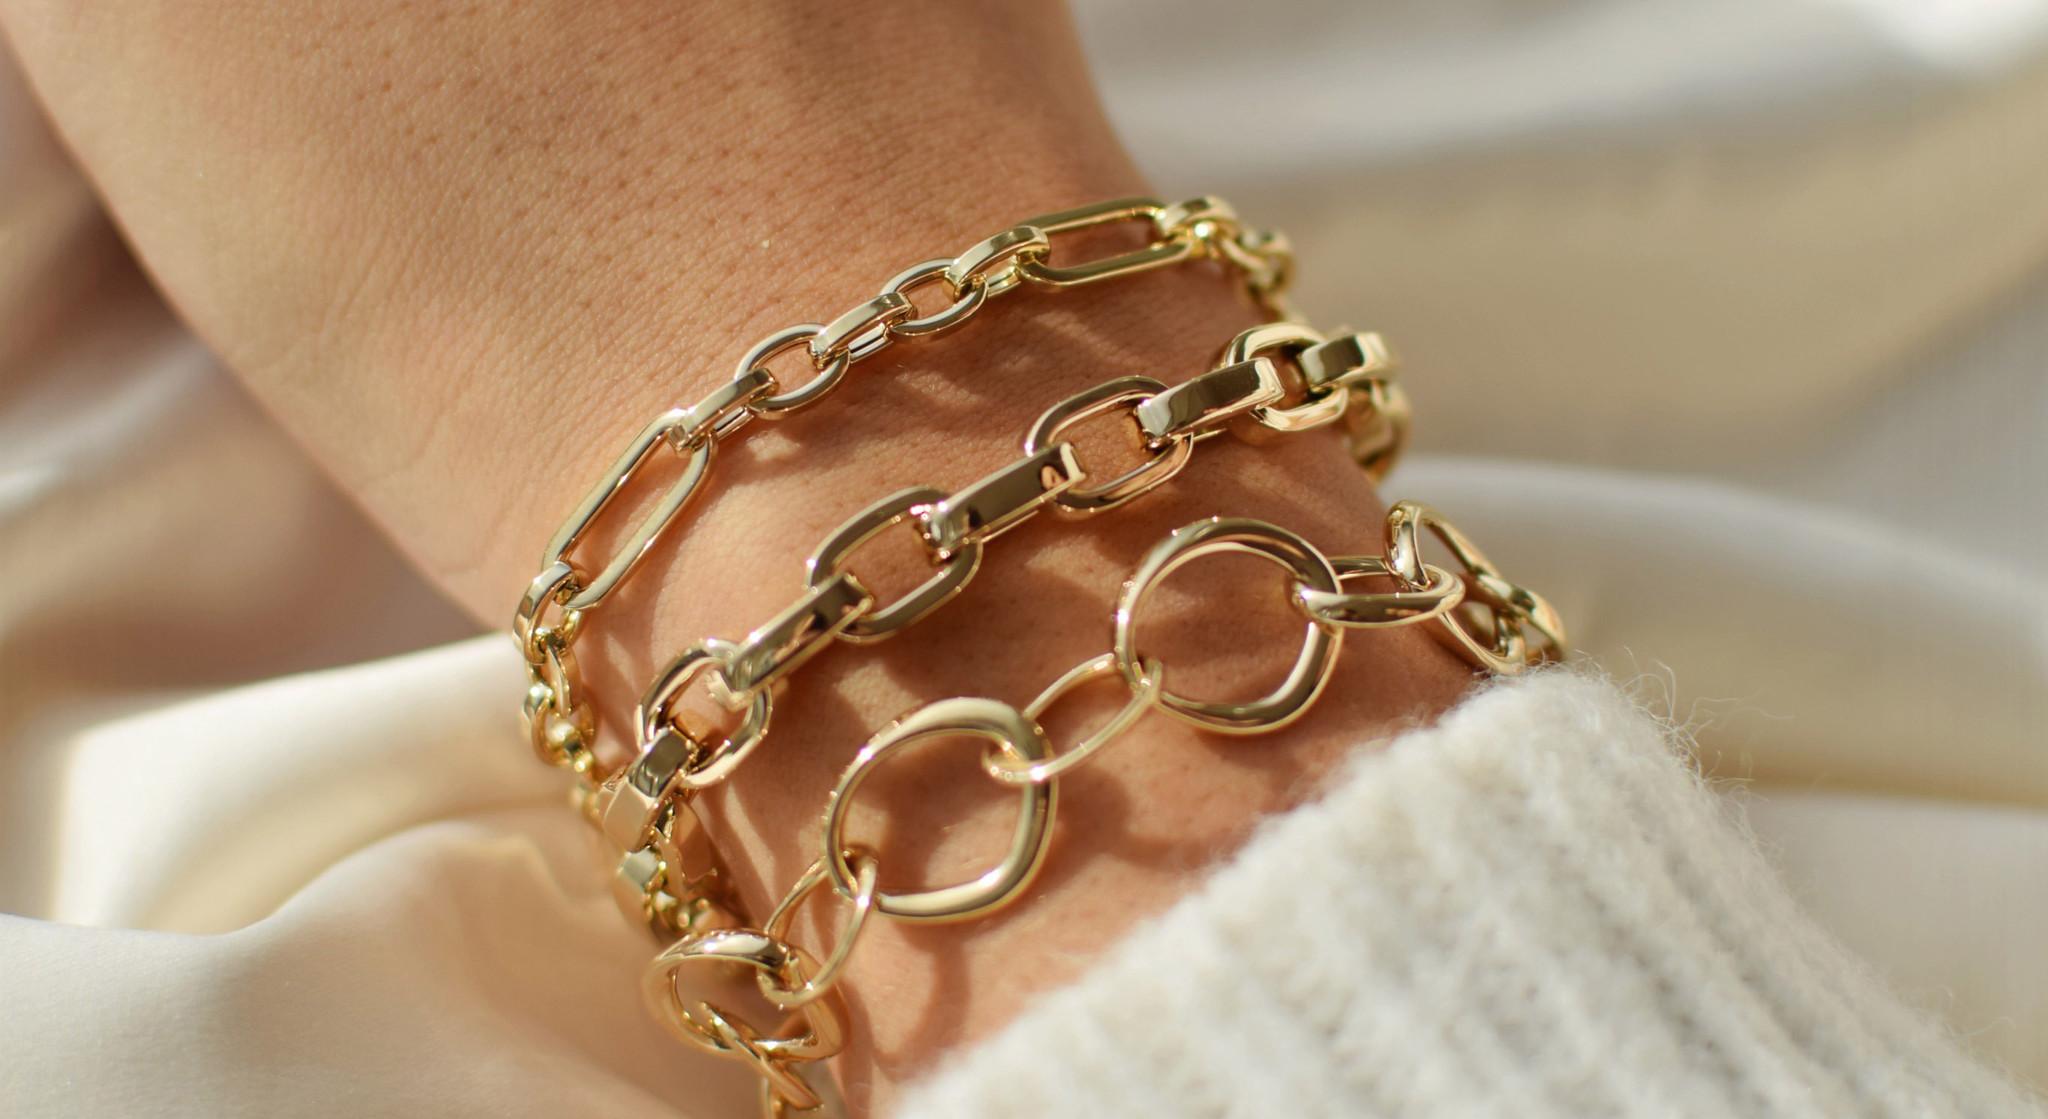 Ontdek hier de allernieuwste sieraden van Schaap en Citroen onder de €2000,-!